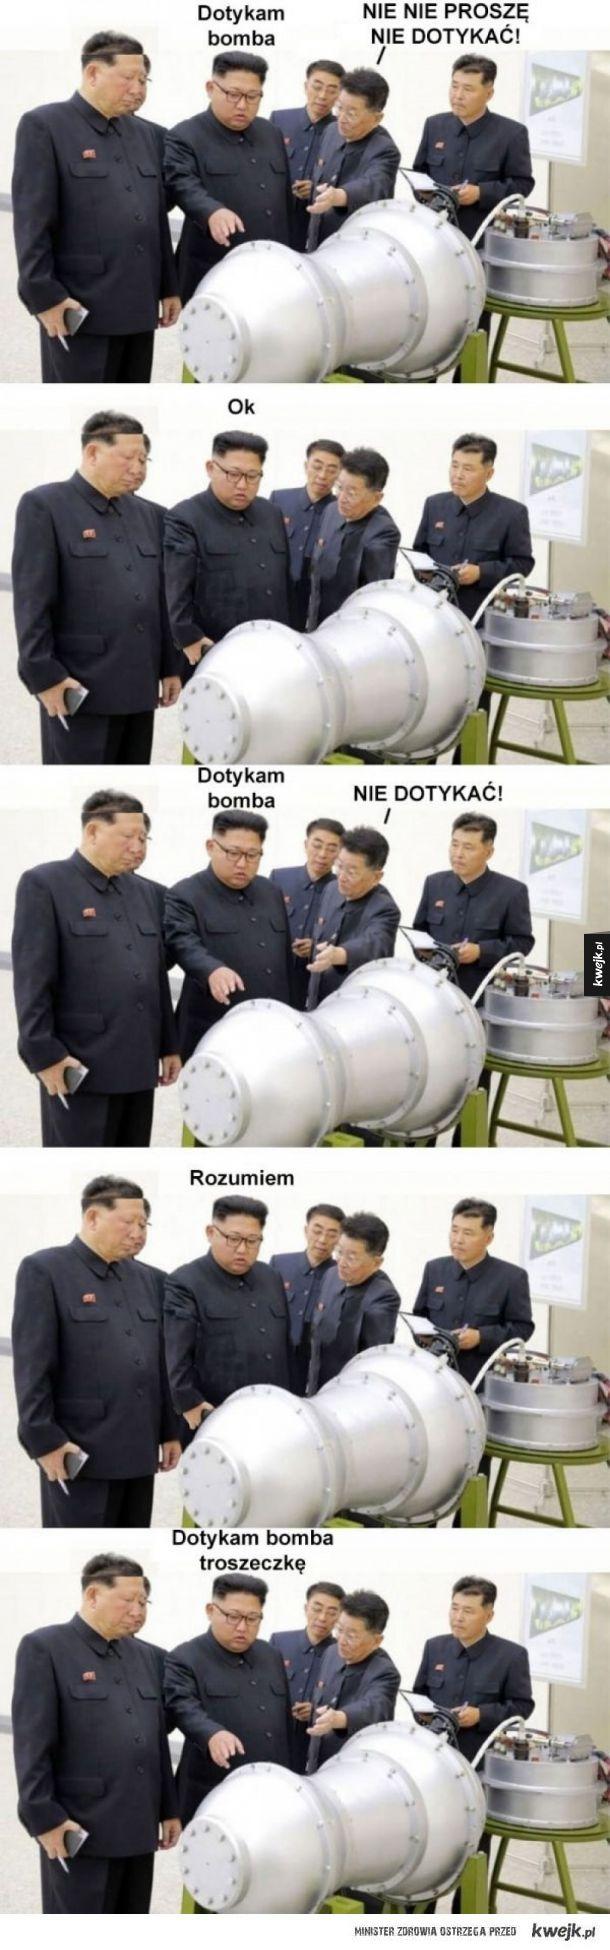 Dotykam Bomba